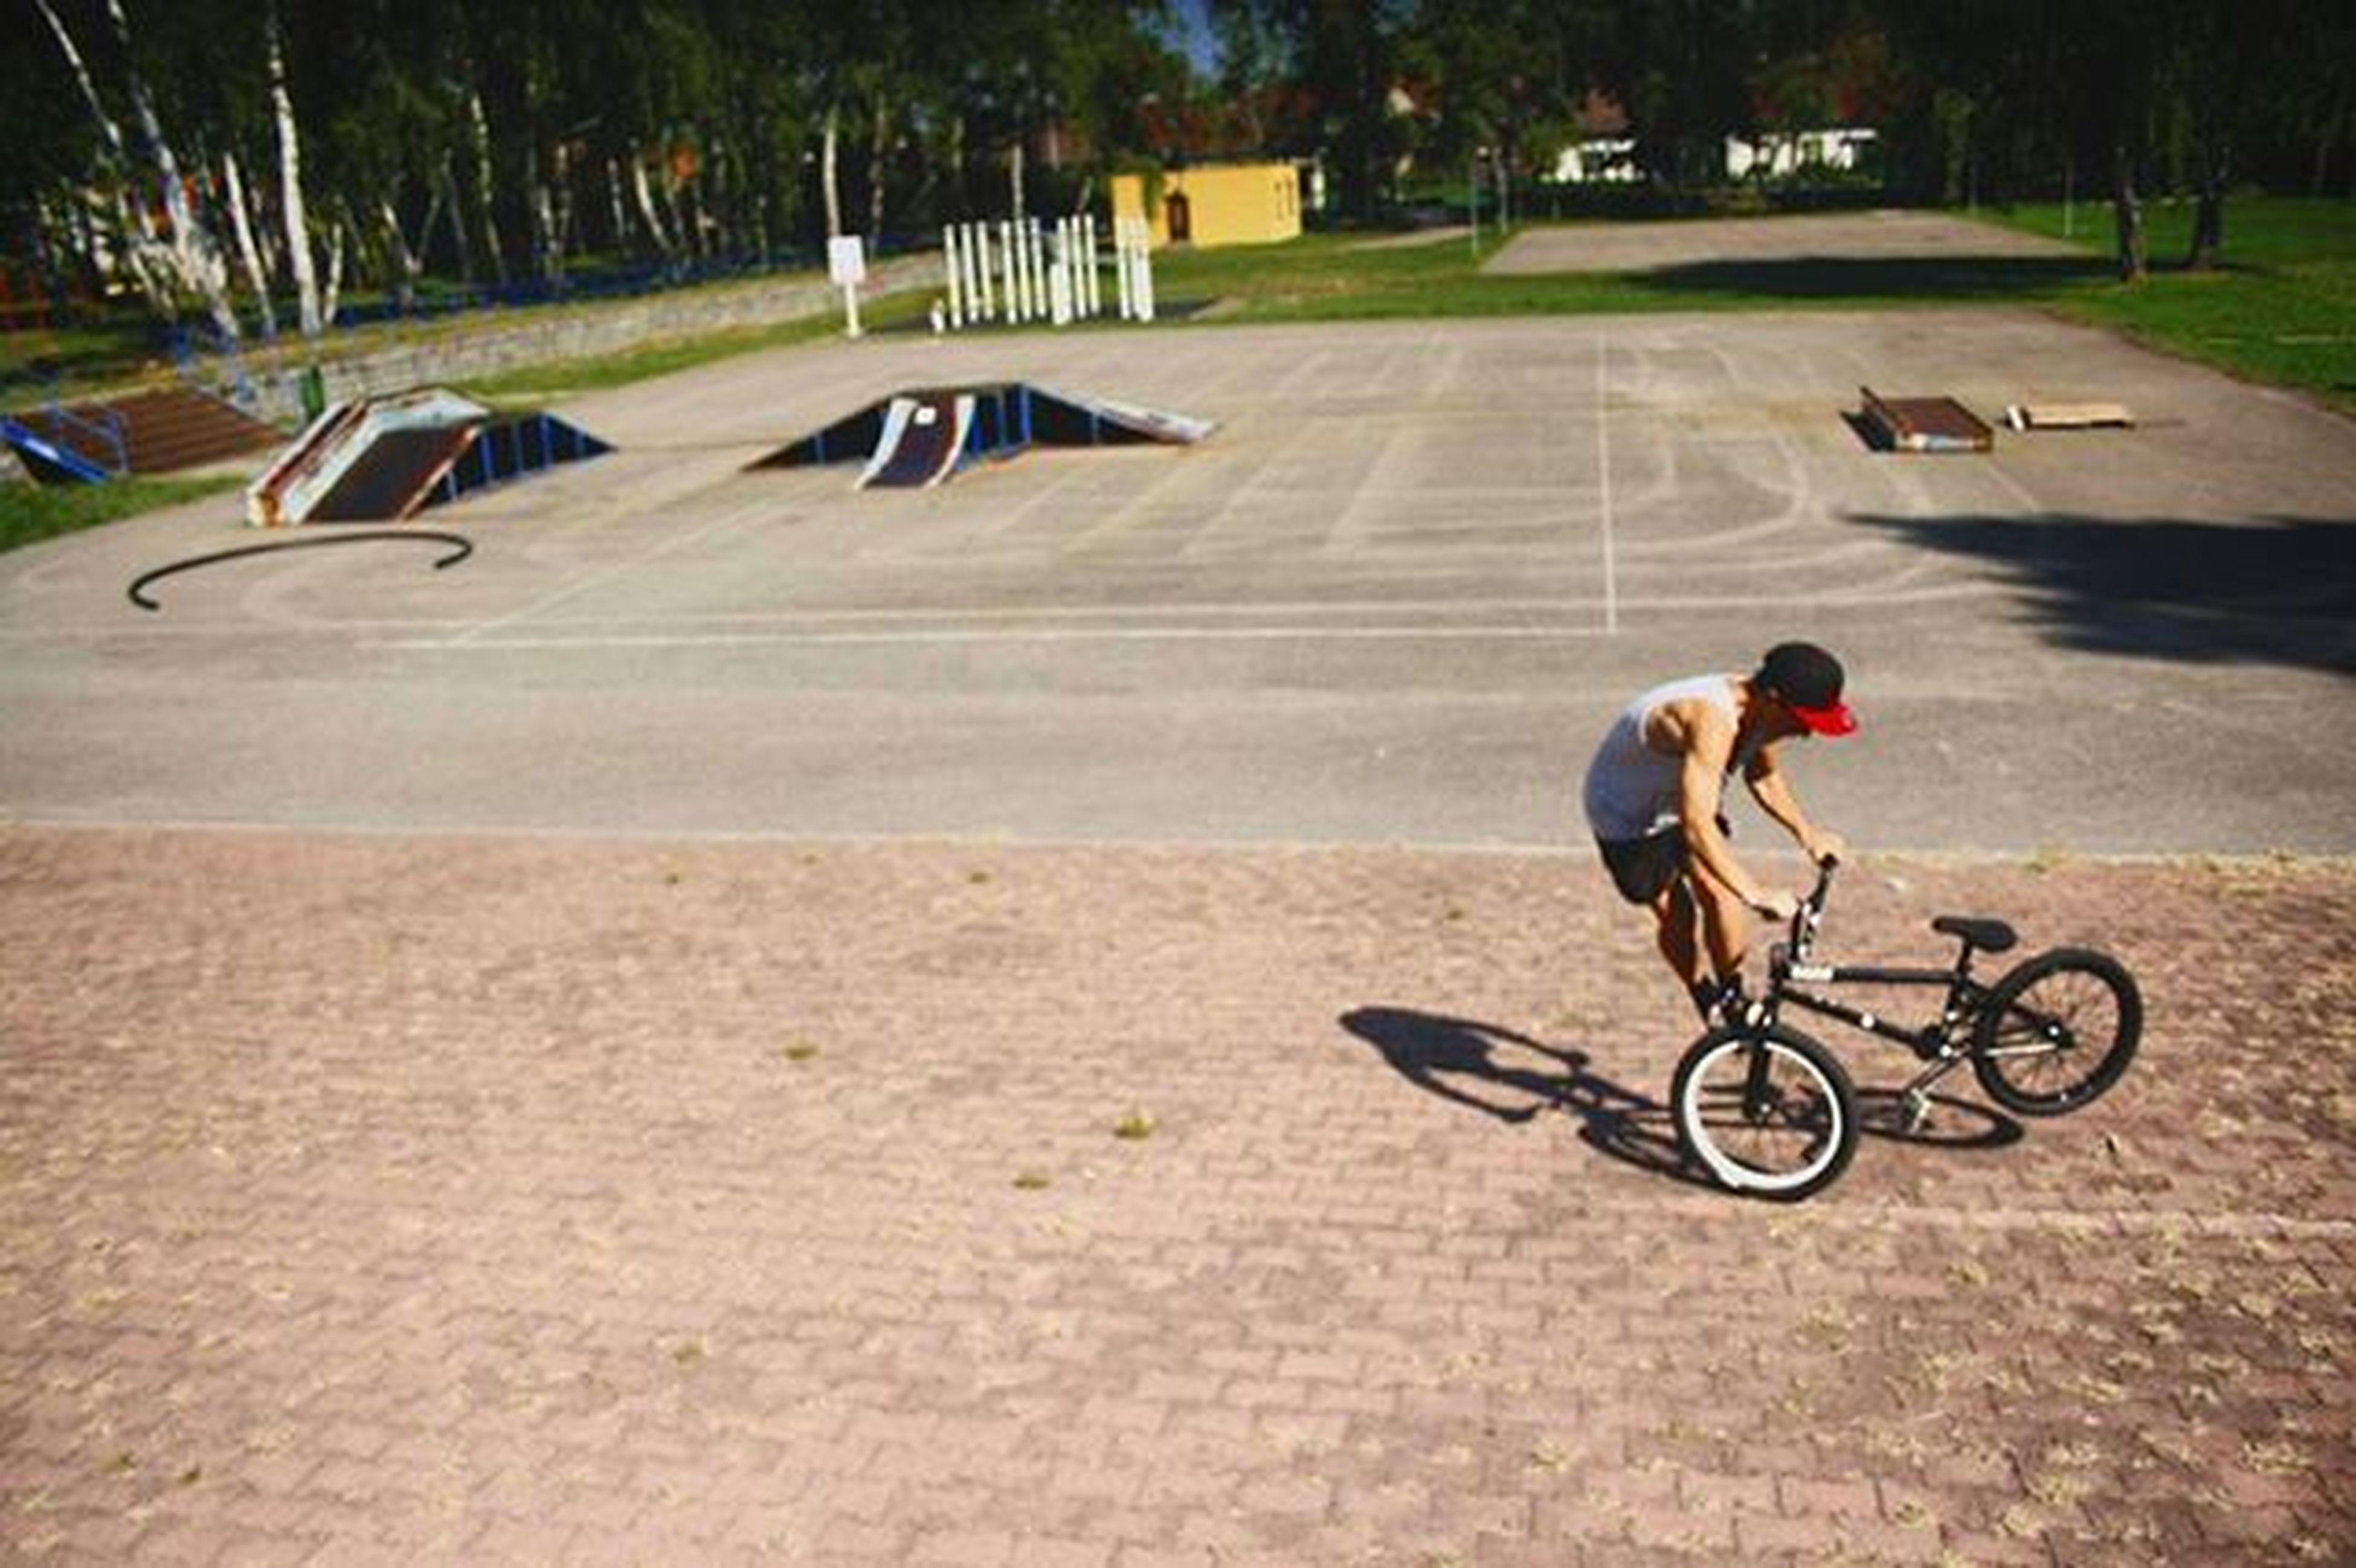 Bmx  Summer Dubnany Skolni Skatepark Starydobry Fjwhip Subrosabrand Eclat Eclatblind Necekamziju